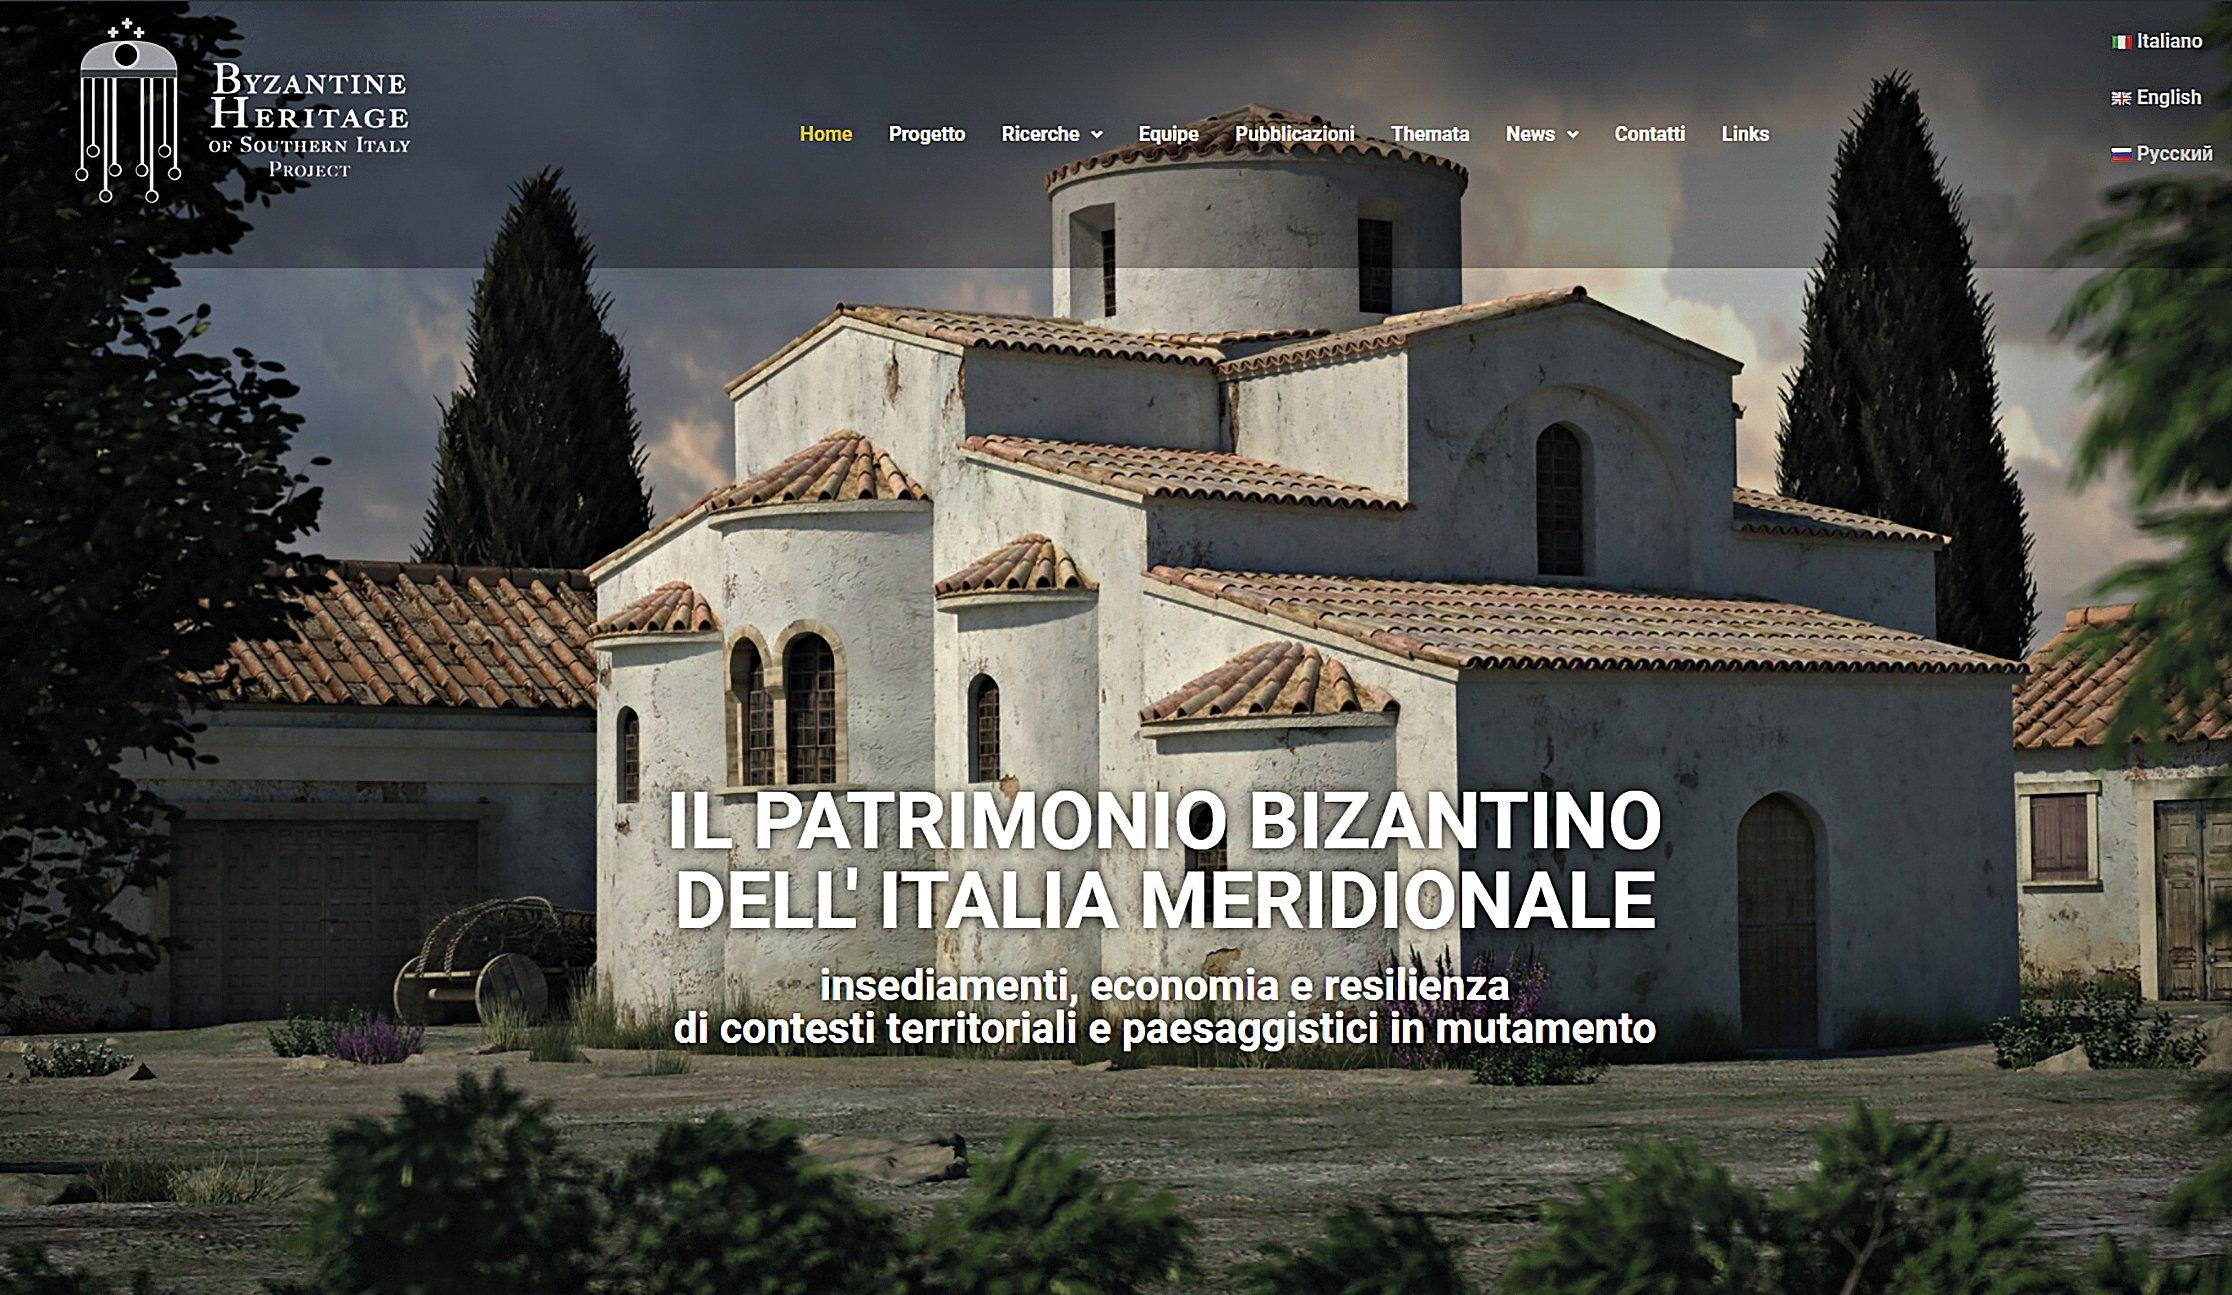 Il patrimonio bizantino dell'Italia meridionale.